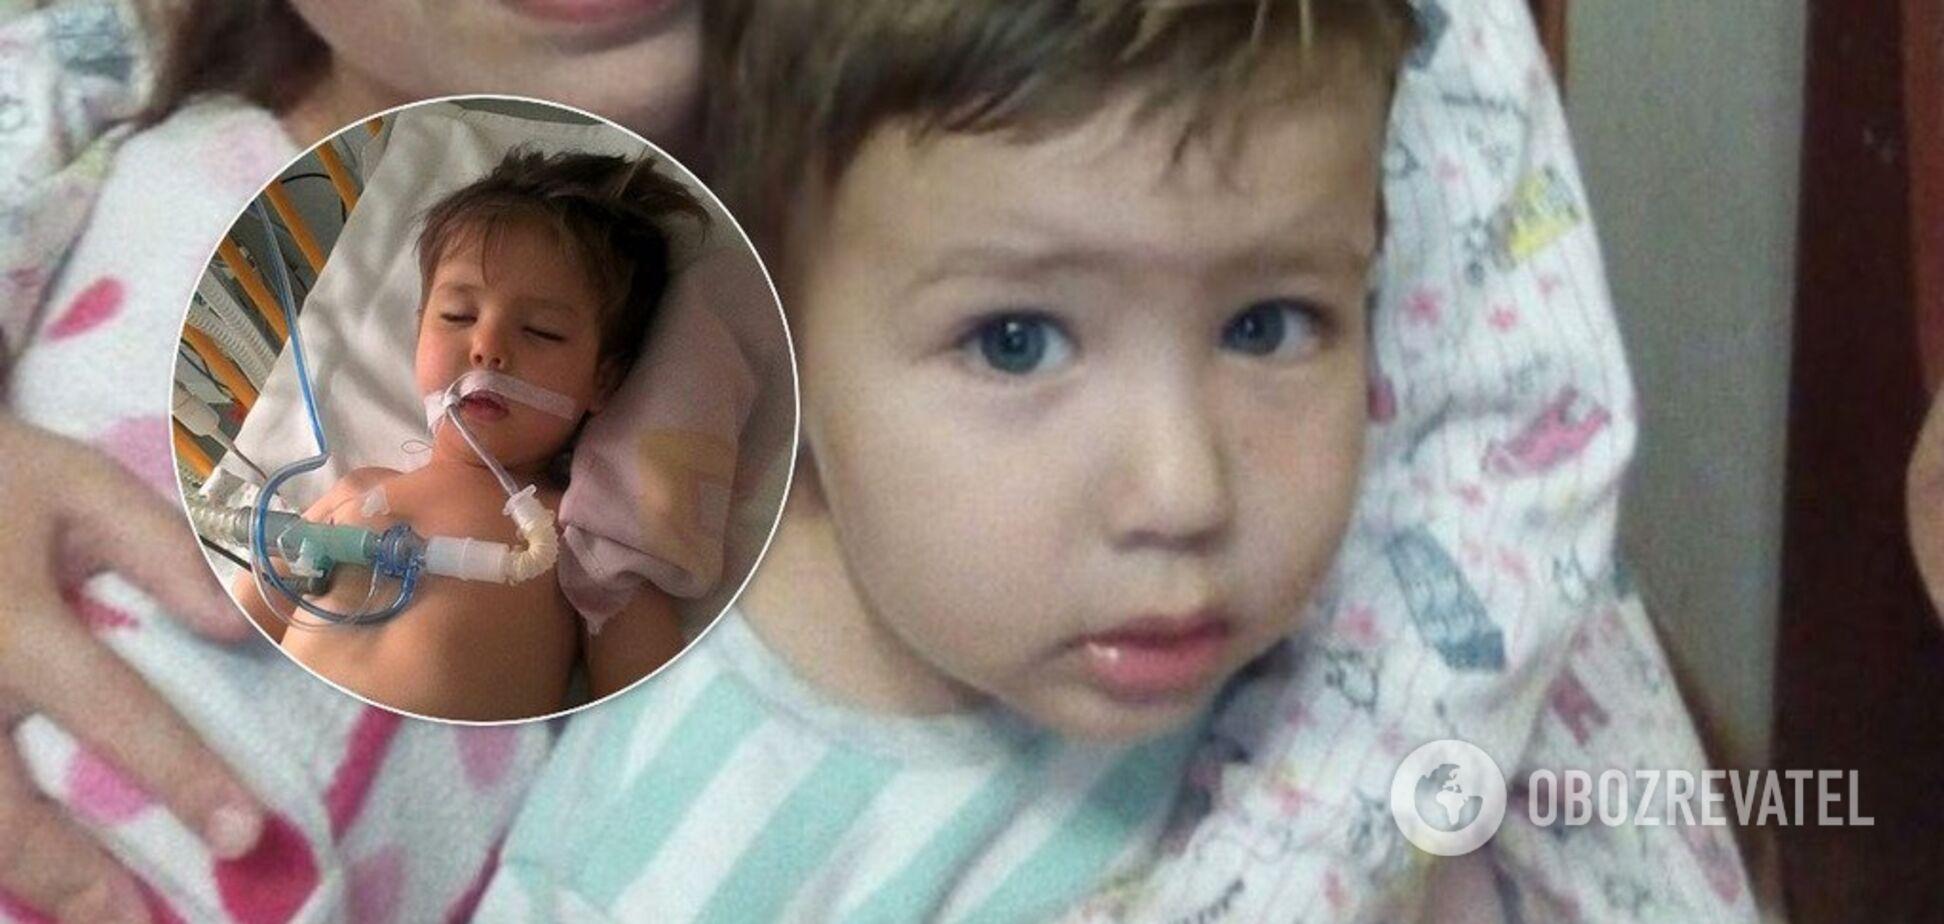 Корчився від болю і рвав кров'ю: як халатність лікарів погубила 2-річного малюка на Буковині